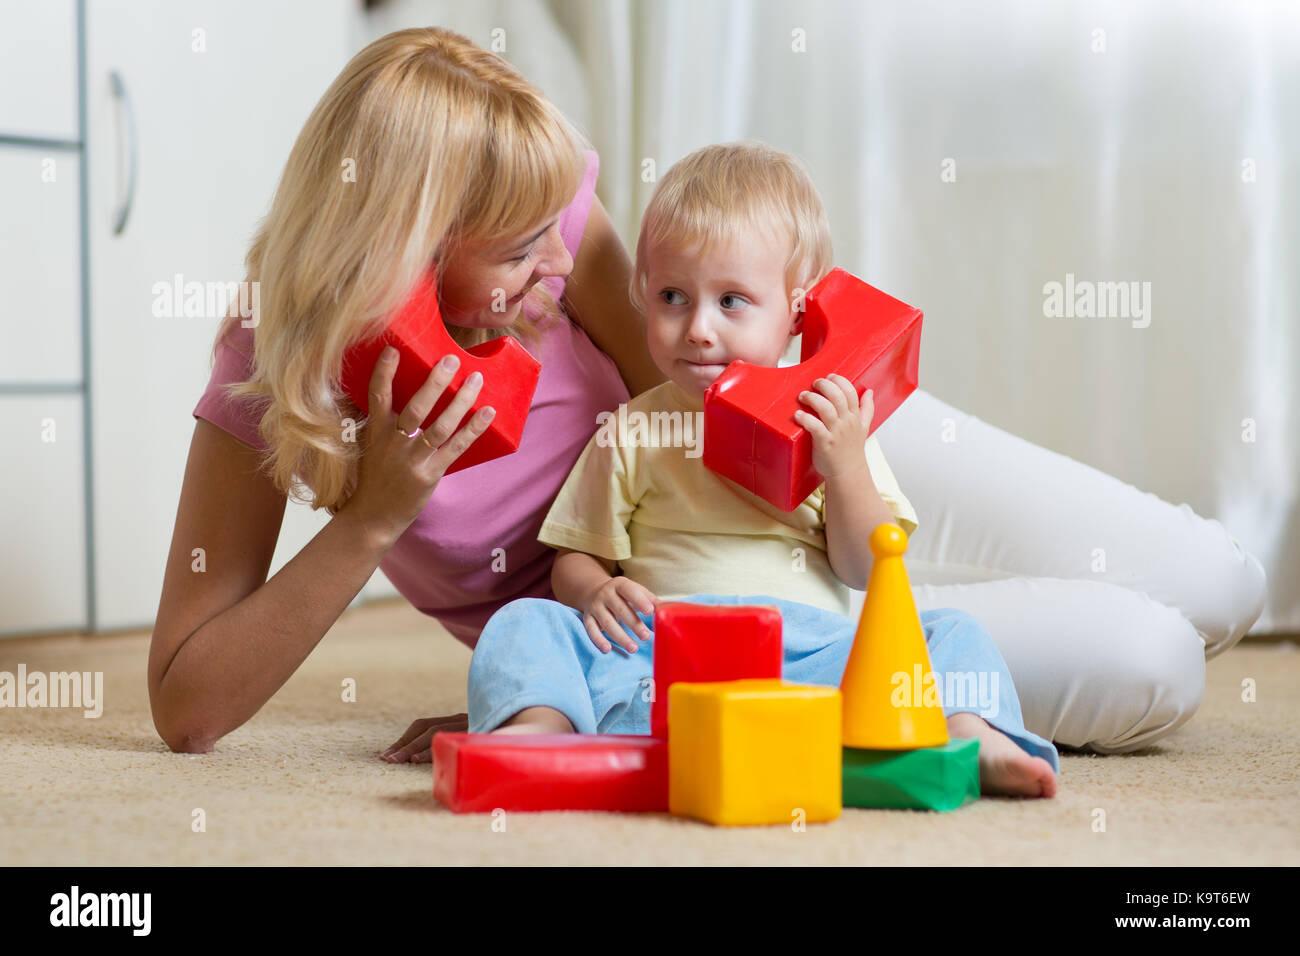 La madre y el niño chico lindo papel jugar juntos en casa Foto de stock